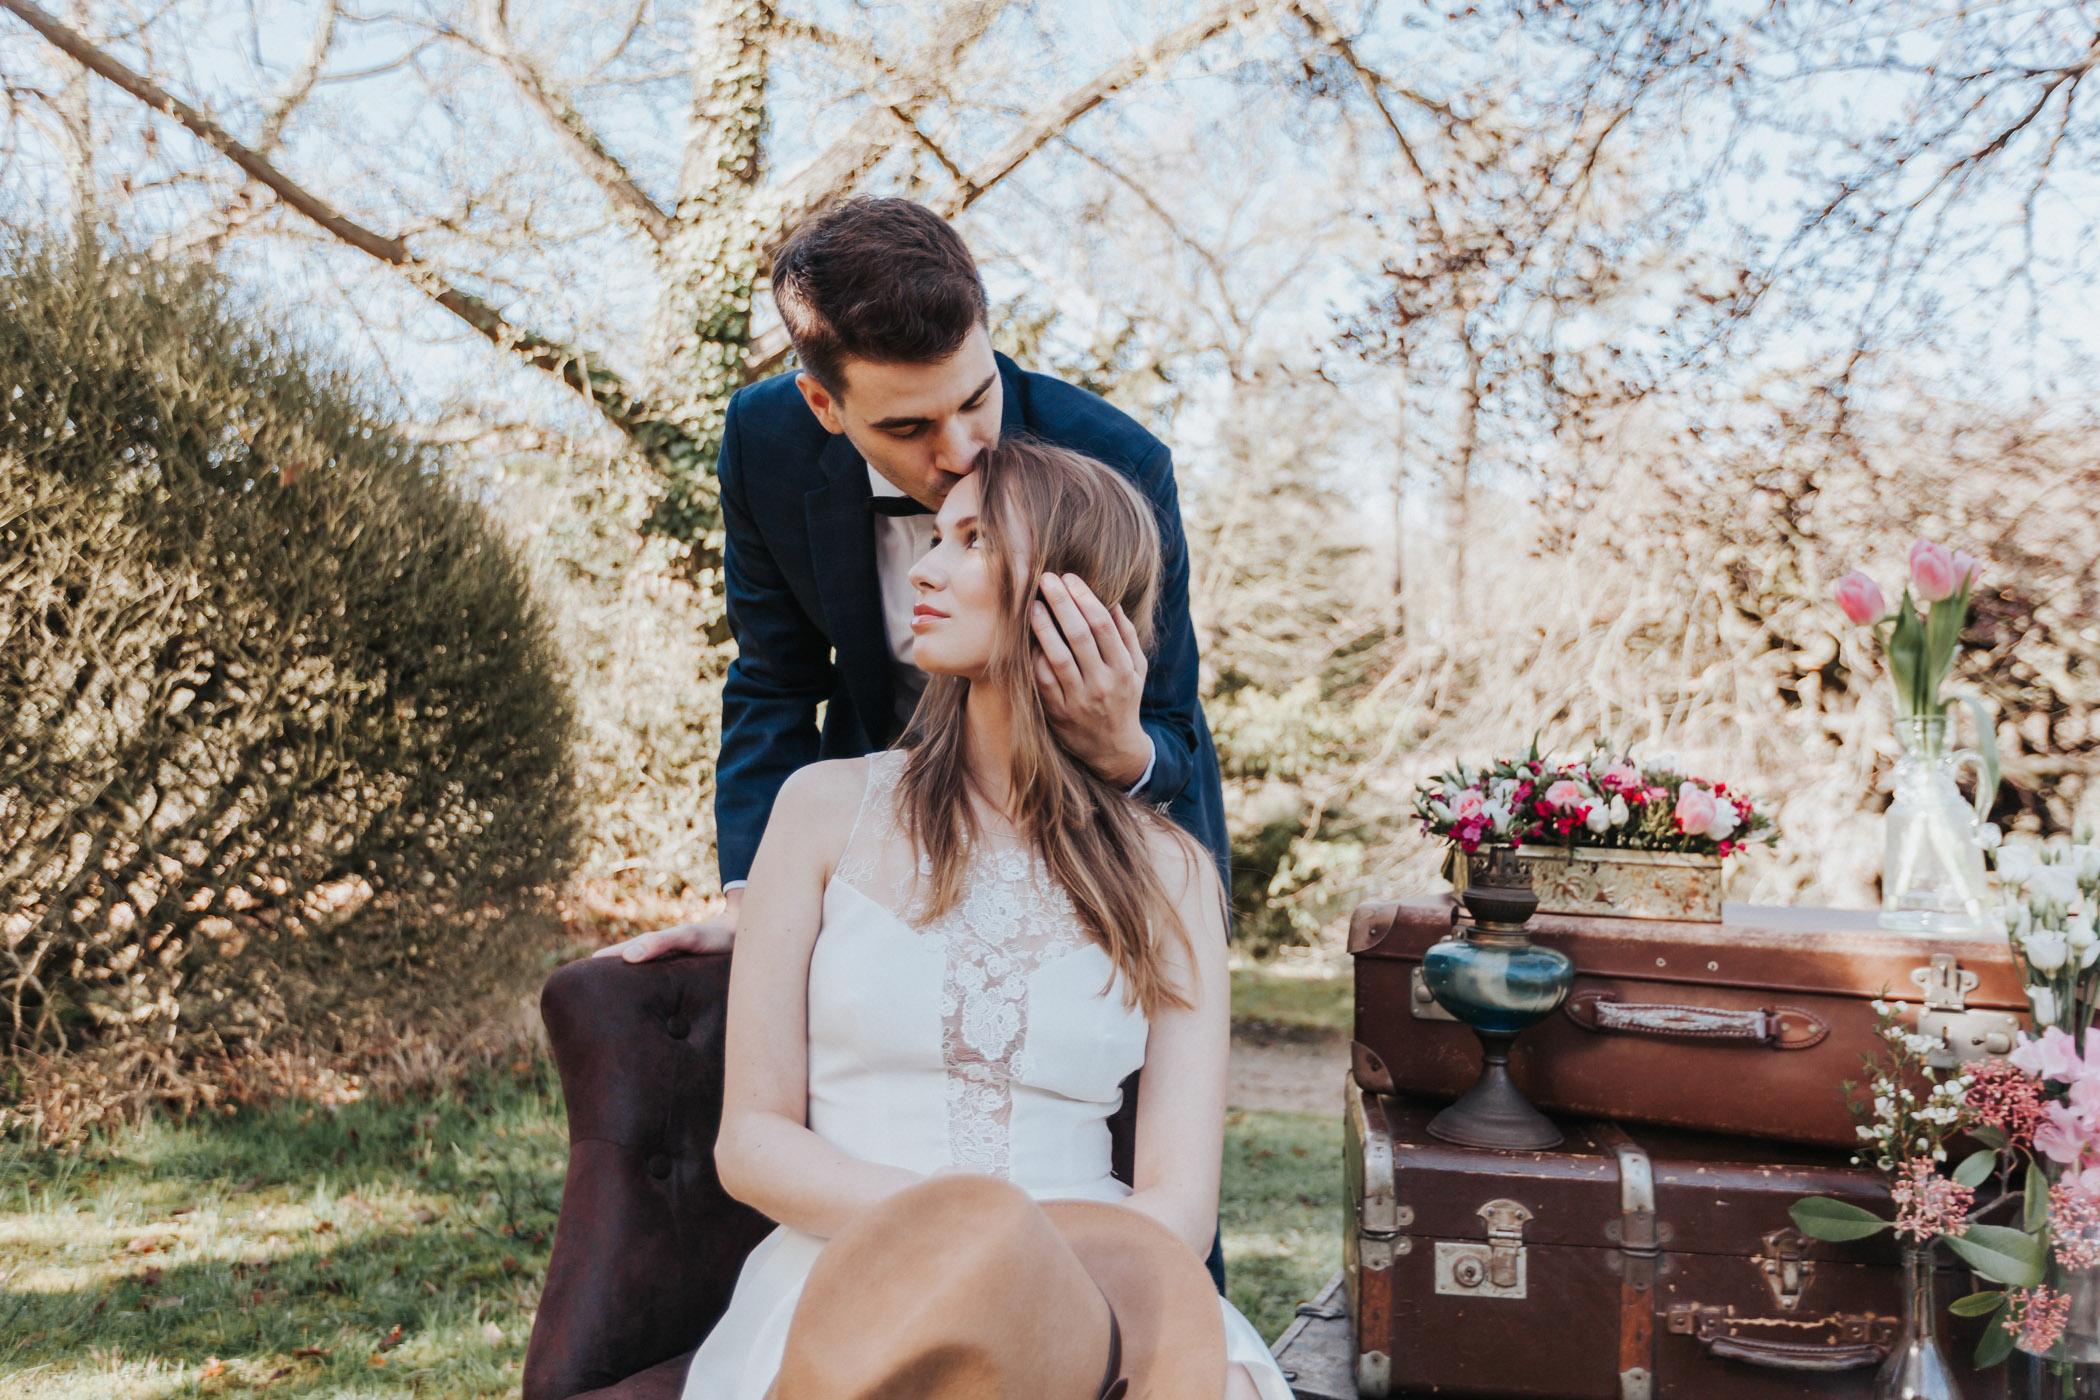 shooting-dinspiration-un-mariage-au-printemps-blog-la-mariee-sous-les-etoiles-credit-the-flying-poodle-3